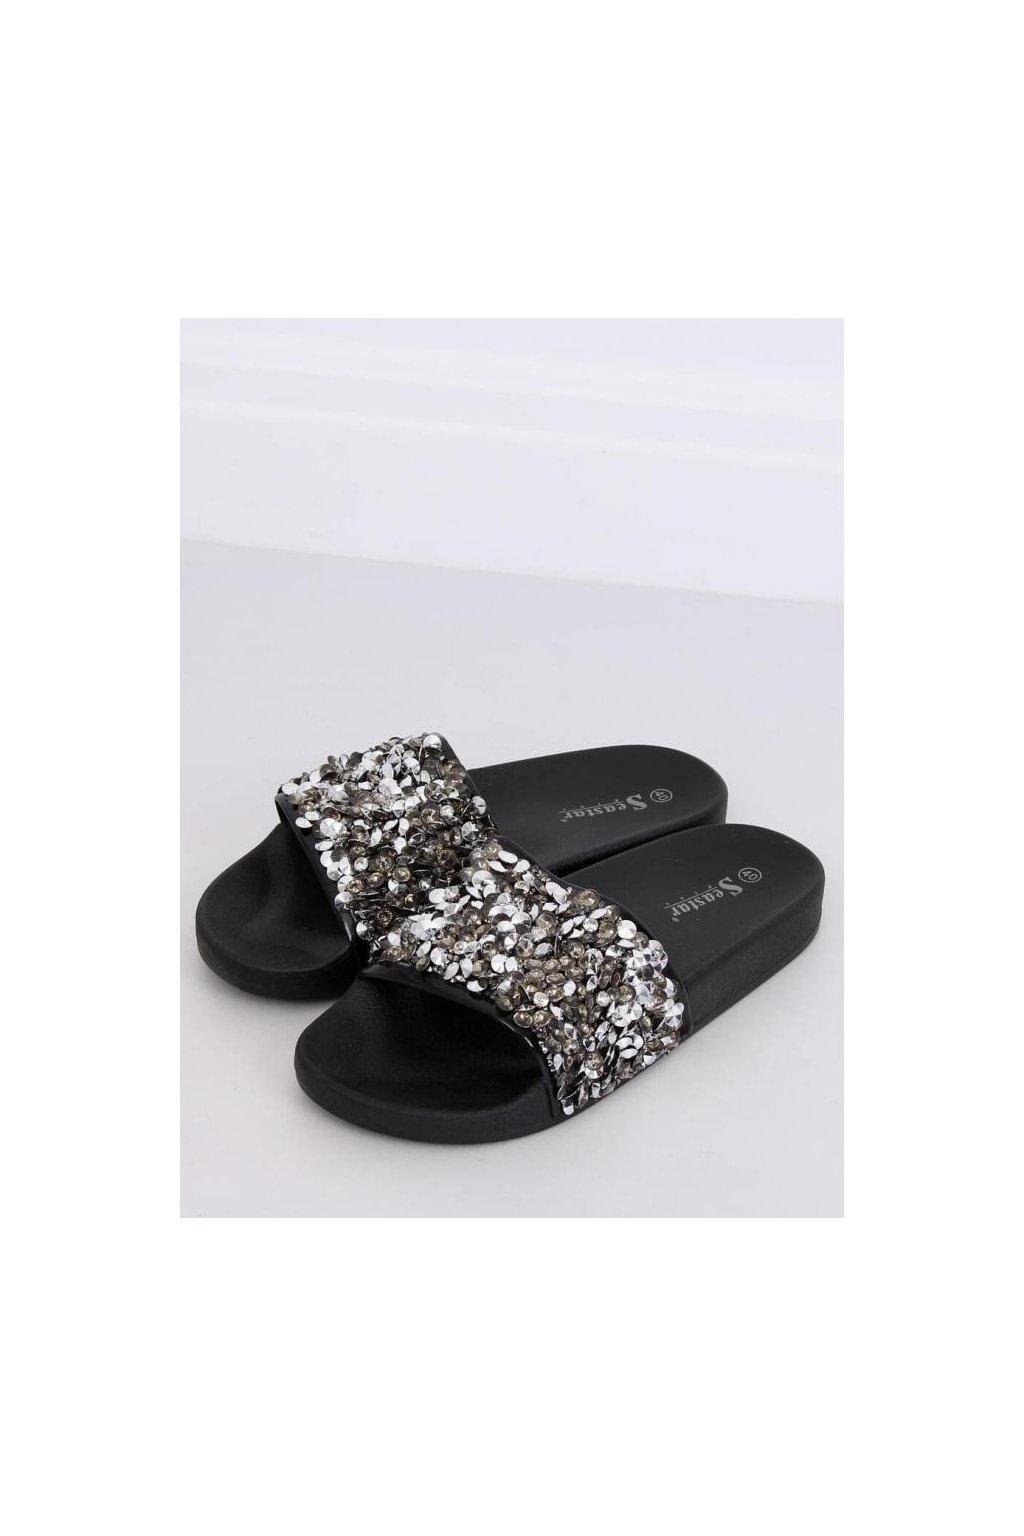 cierne modne slapky s kamienkami pre damy vo vypredaji (1)